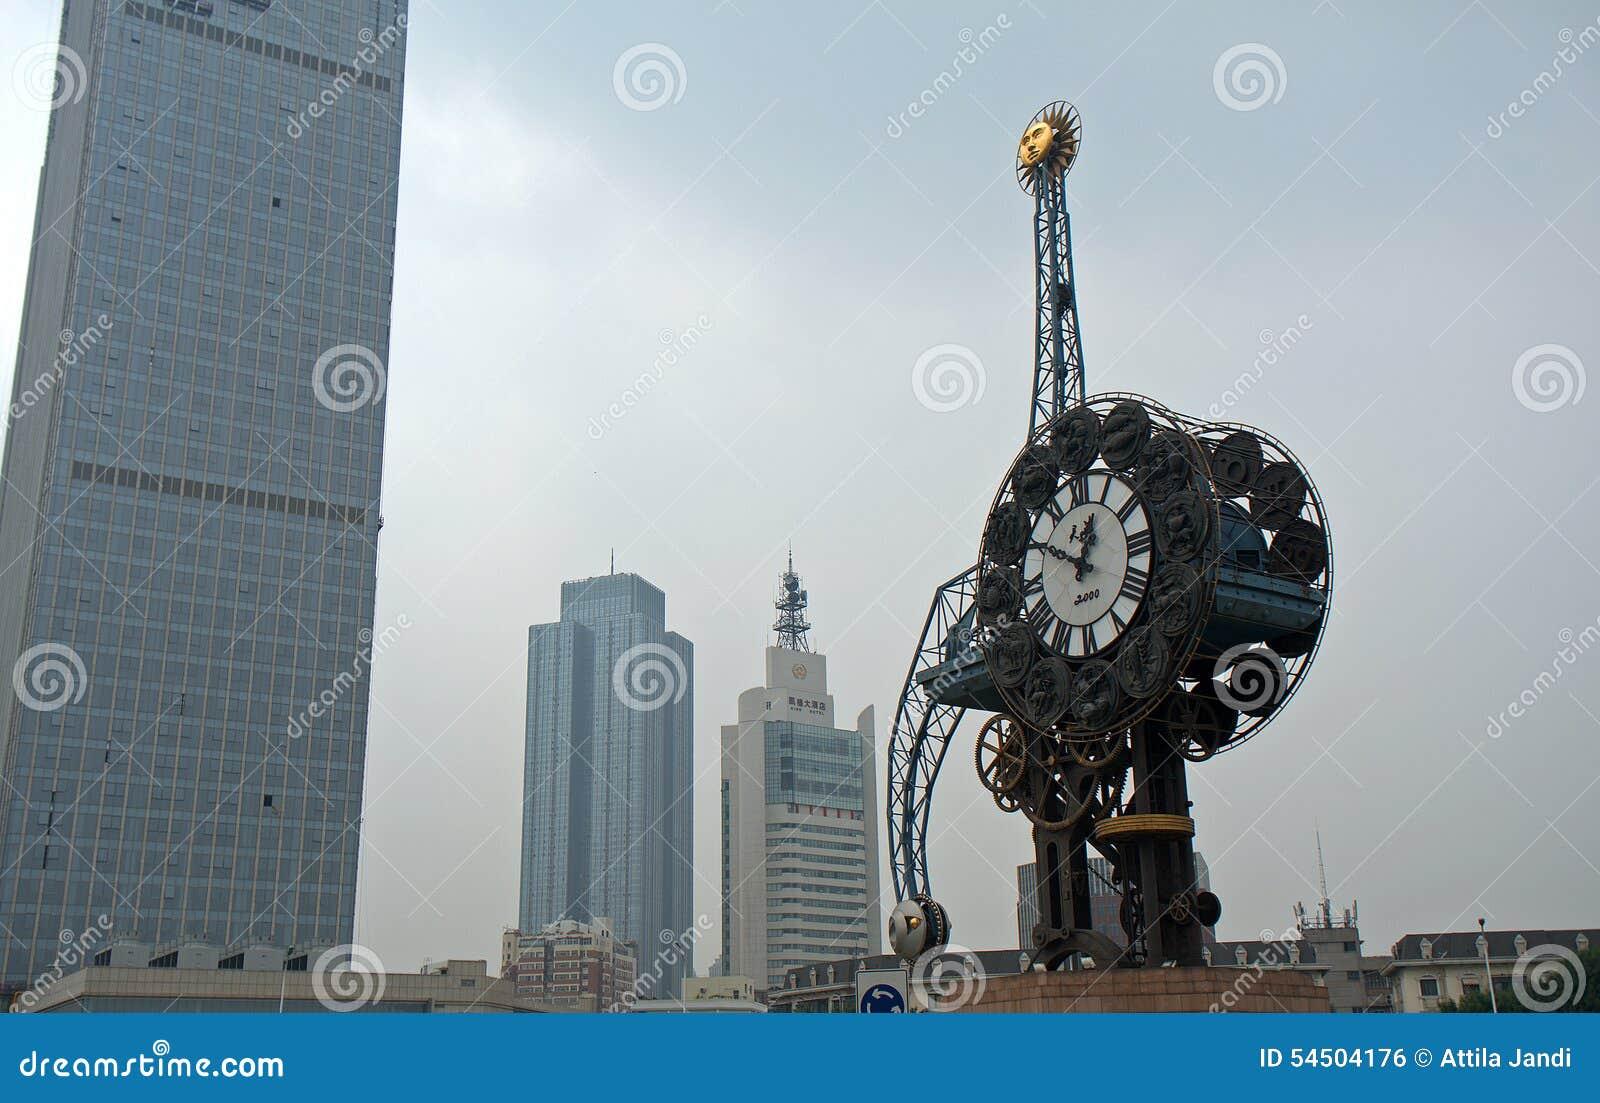 Centre de la ville, Tianjin, Chine